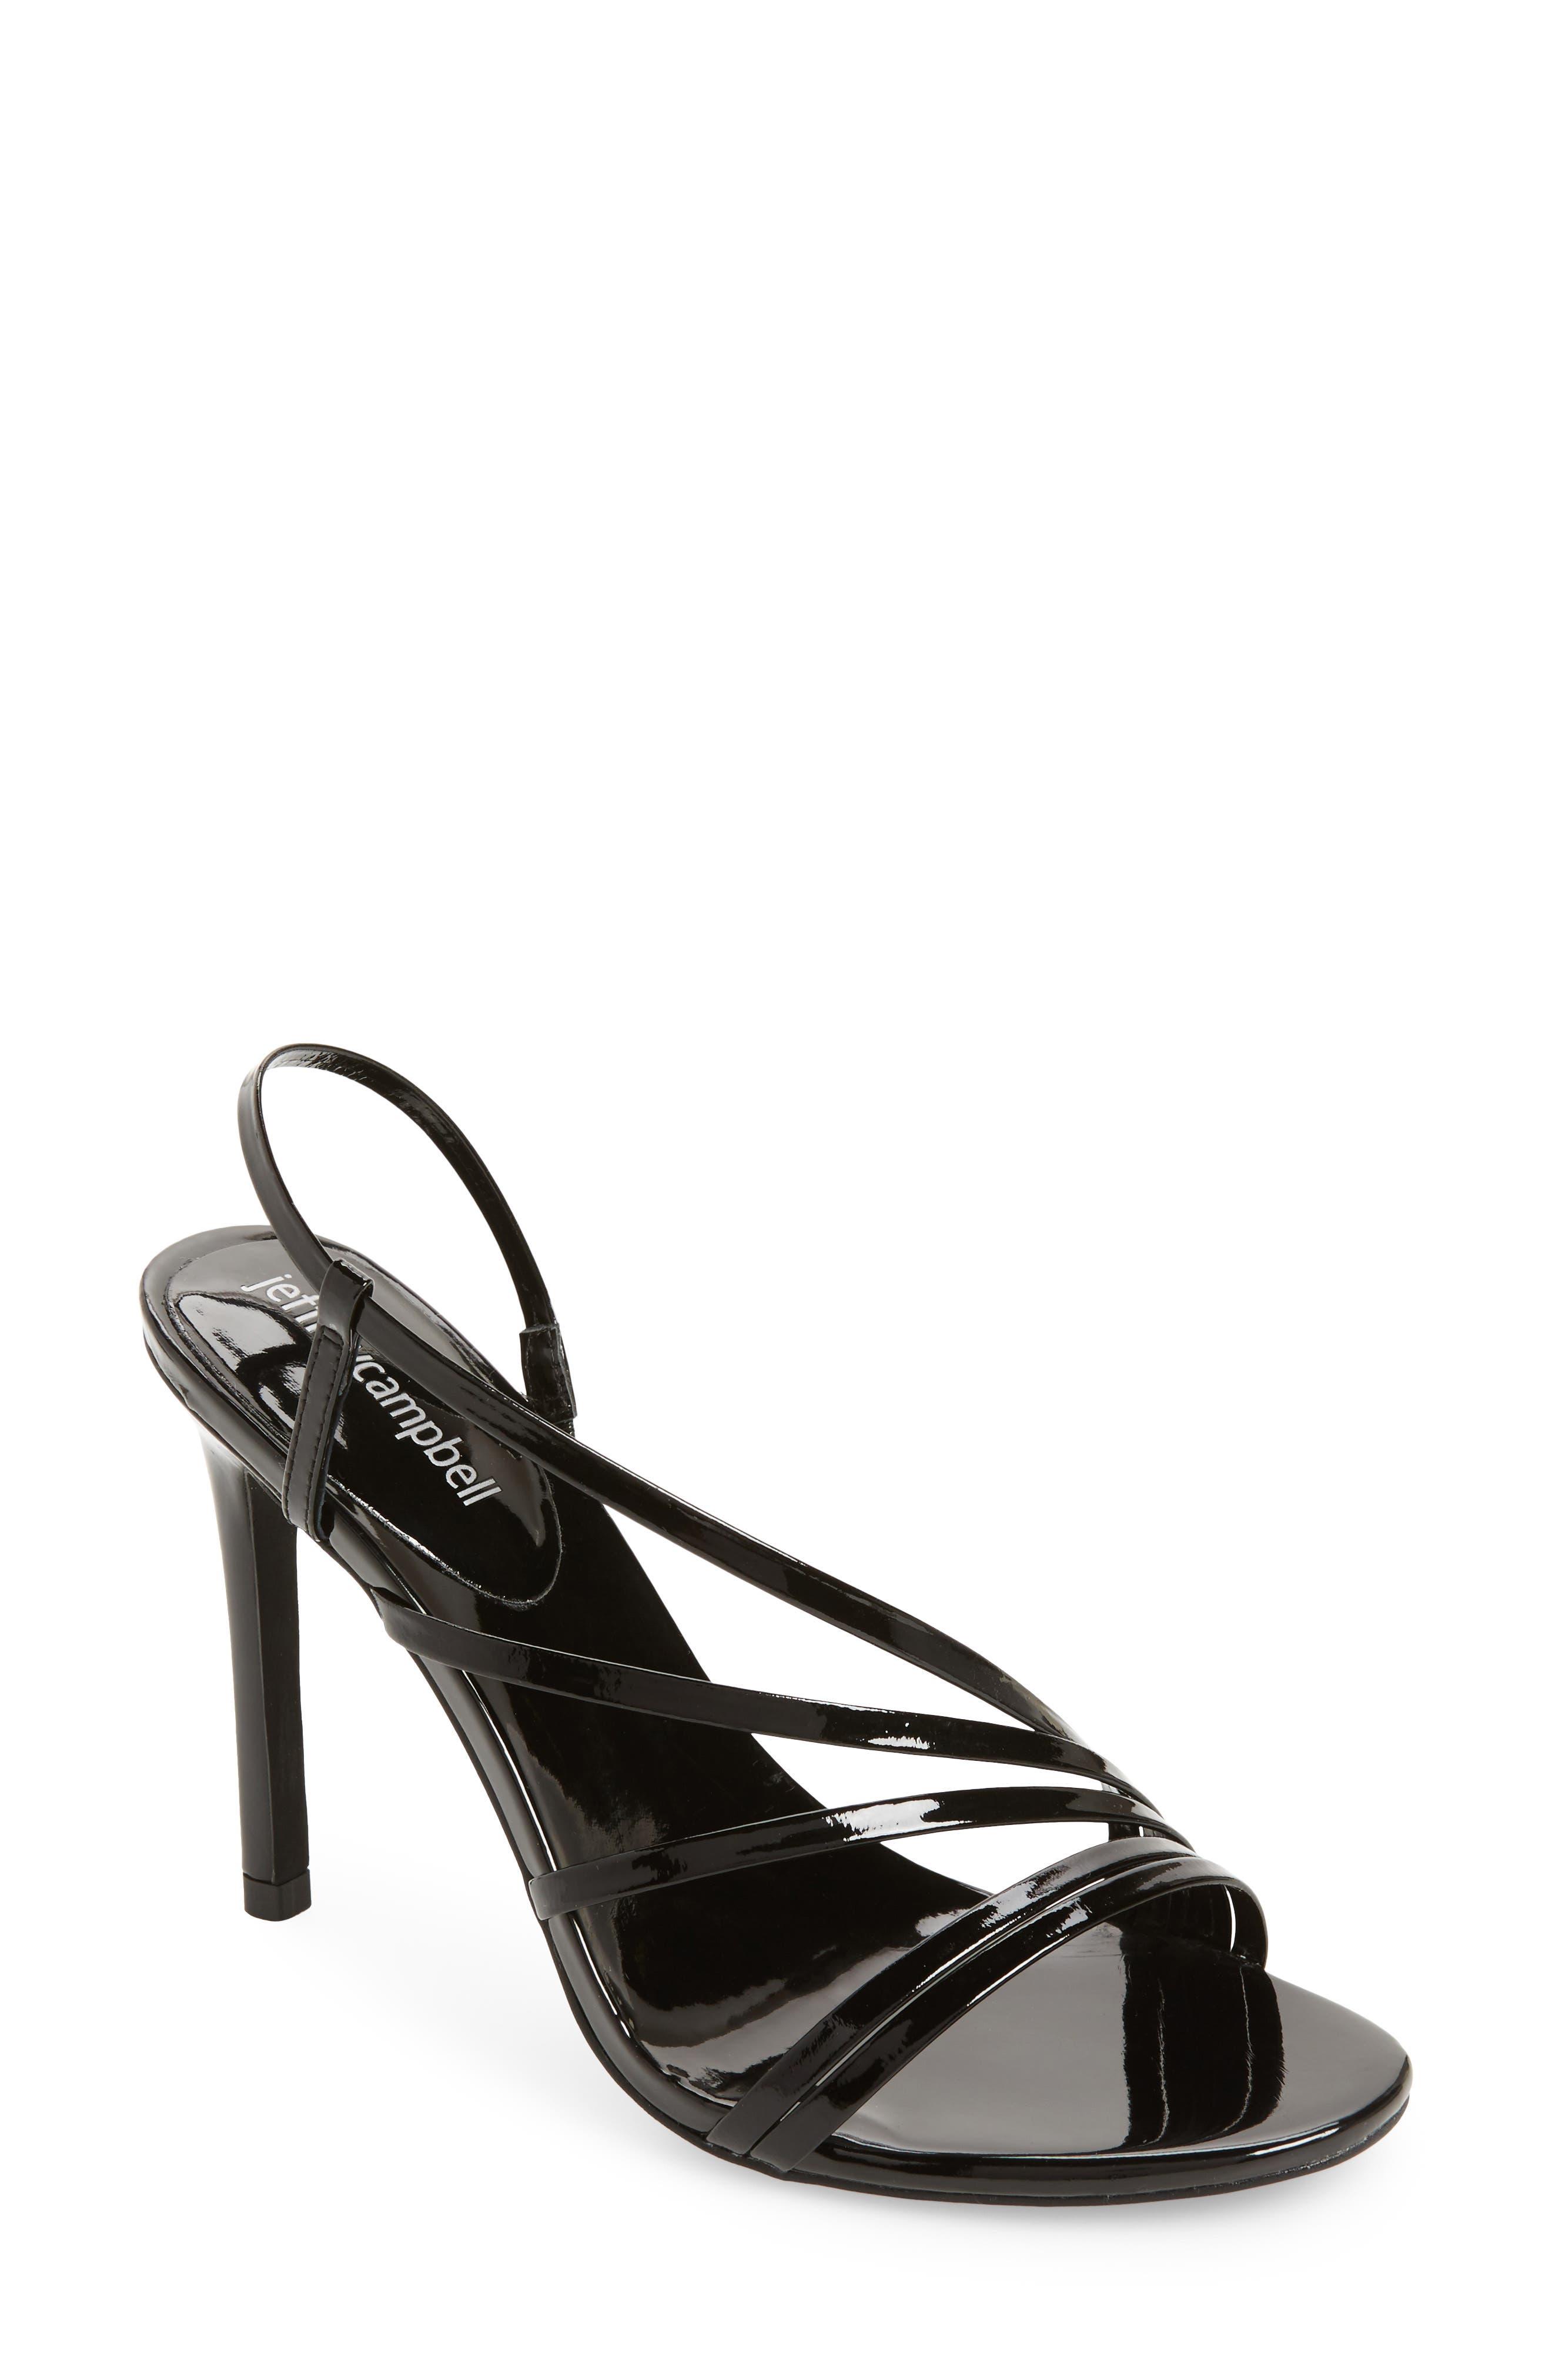 Jeffrey Campbell Women's Lilian Asymmetrical Strappy Sandal Mq5UEx